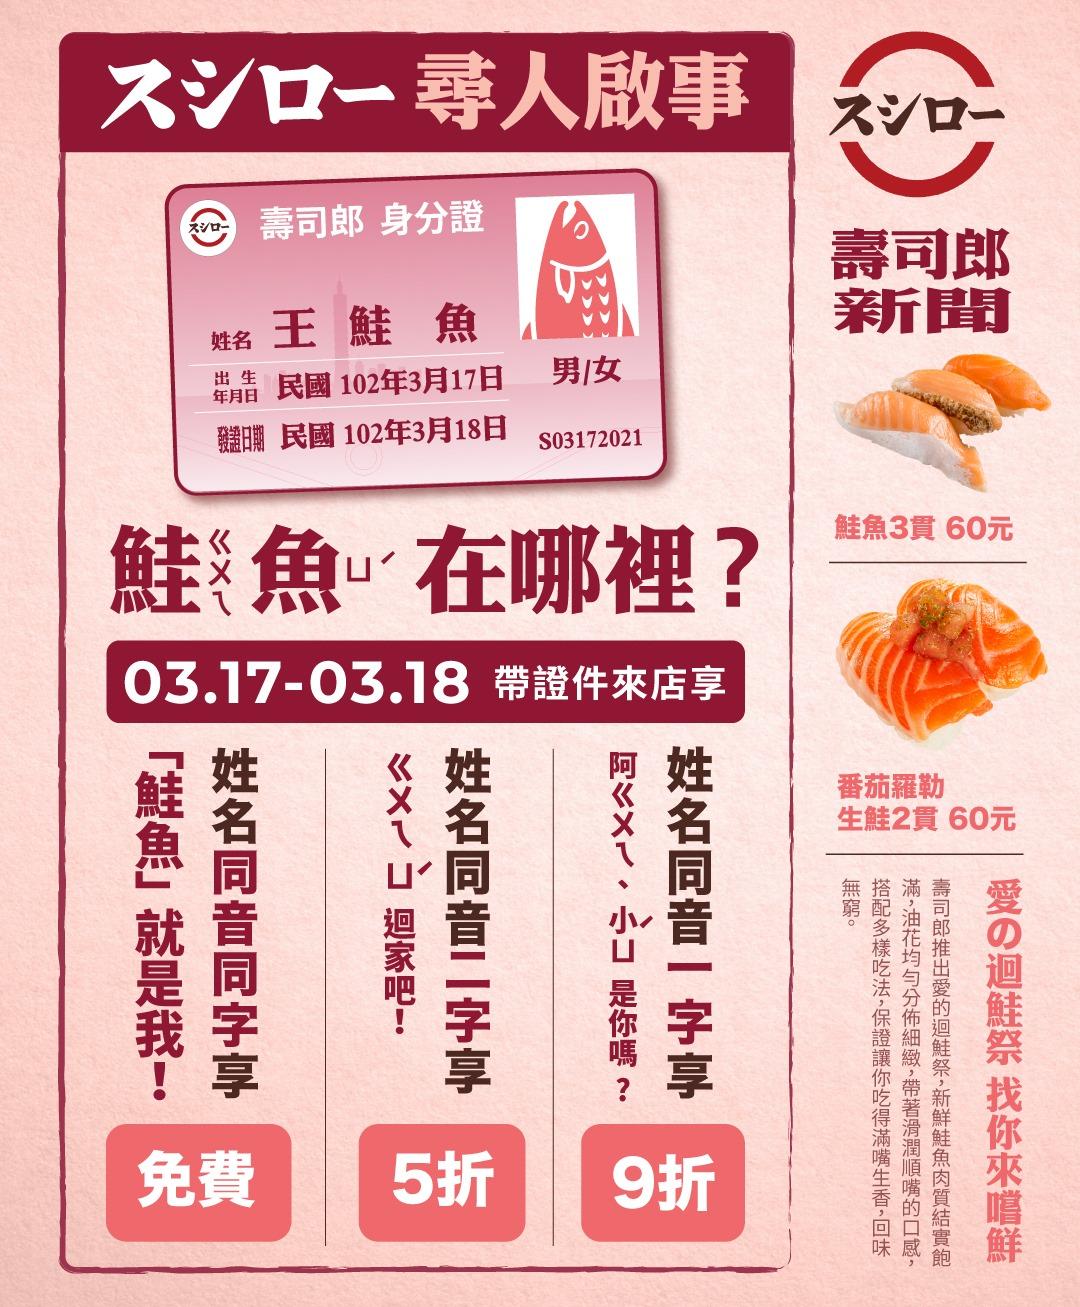 為了吃一頓免費壽司  台中15人更名為「鮭魚」